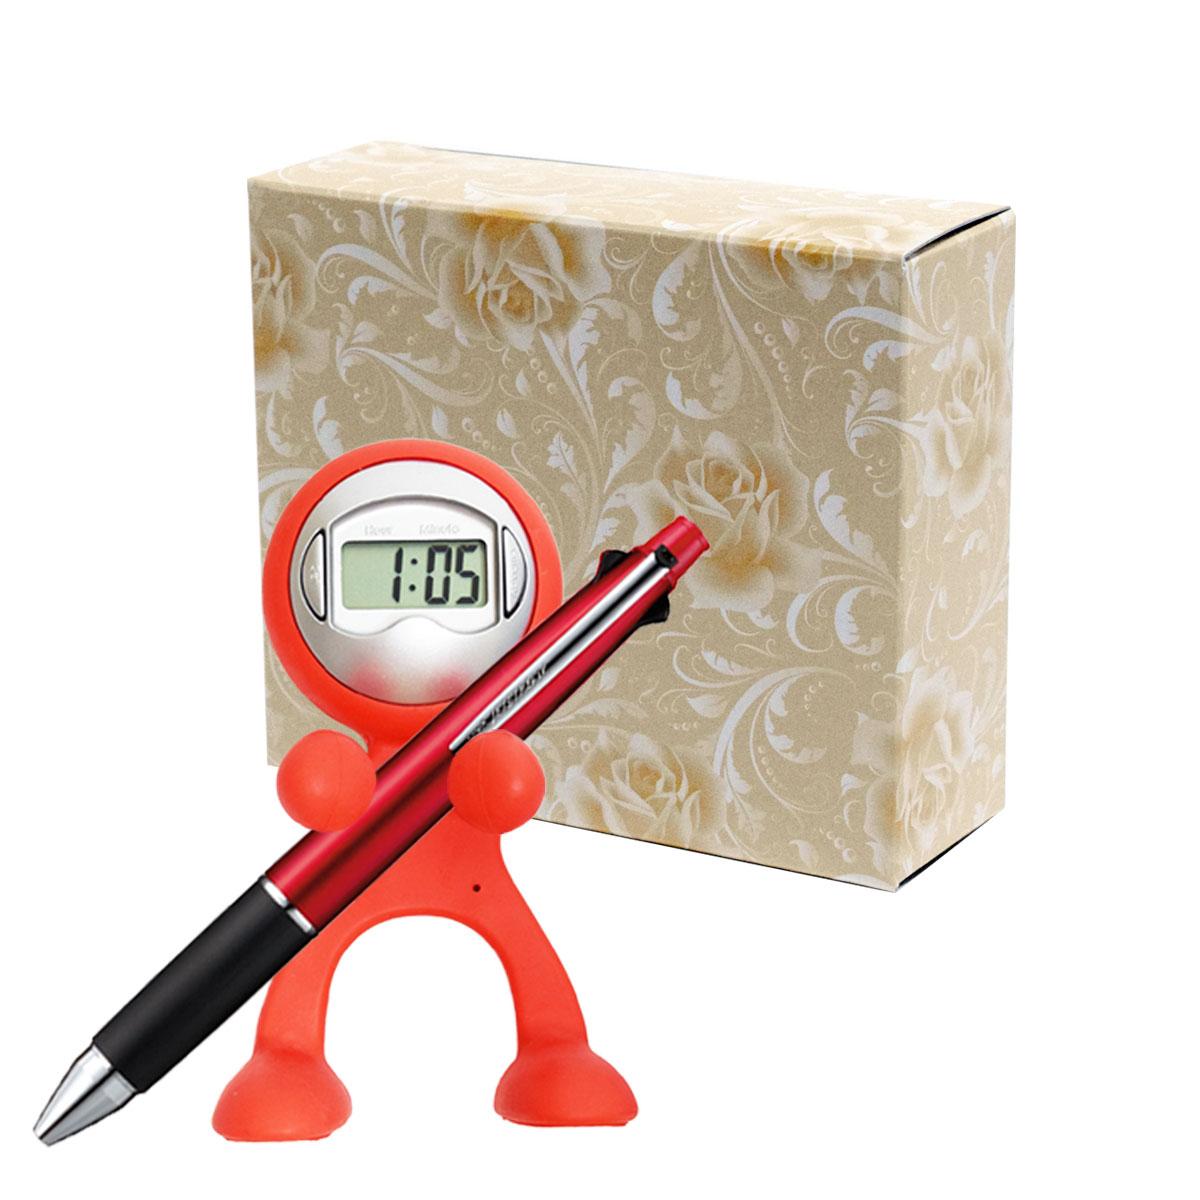 クロックレンジャー 三菱鉛筆 ジェットストリーム 5機能ペンセット 包装箱入り